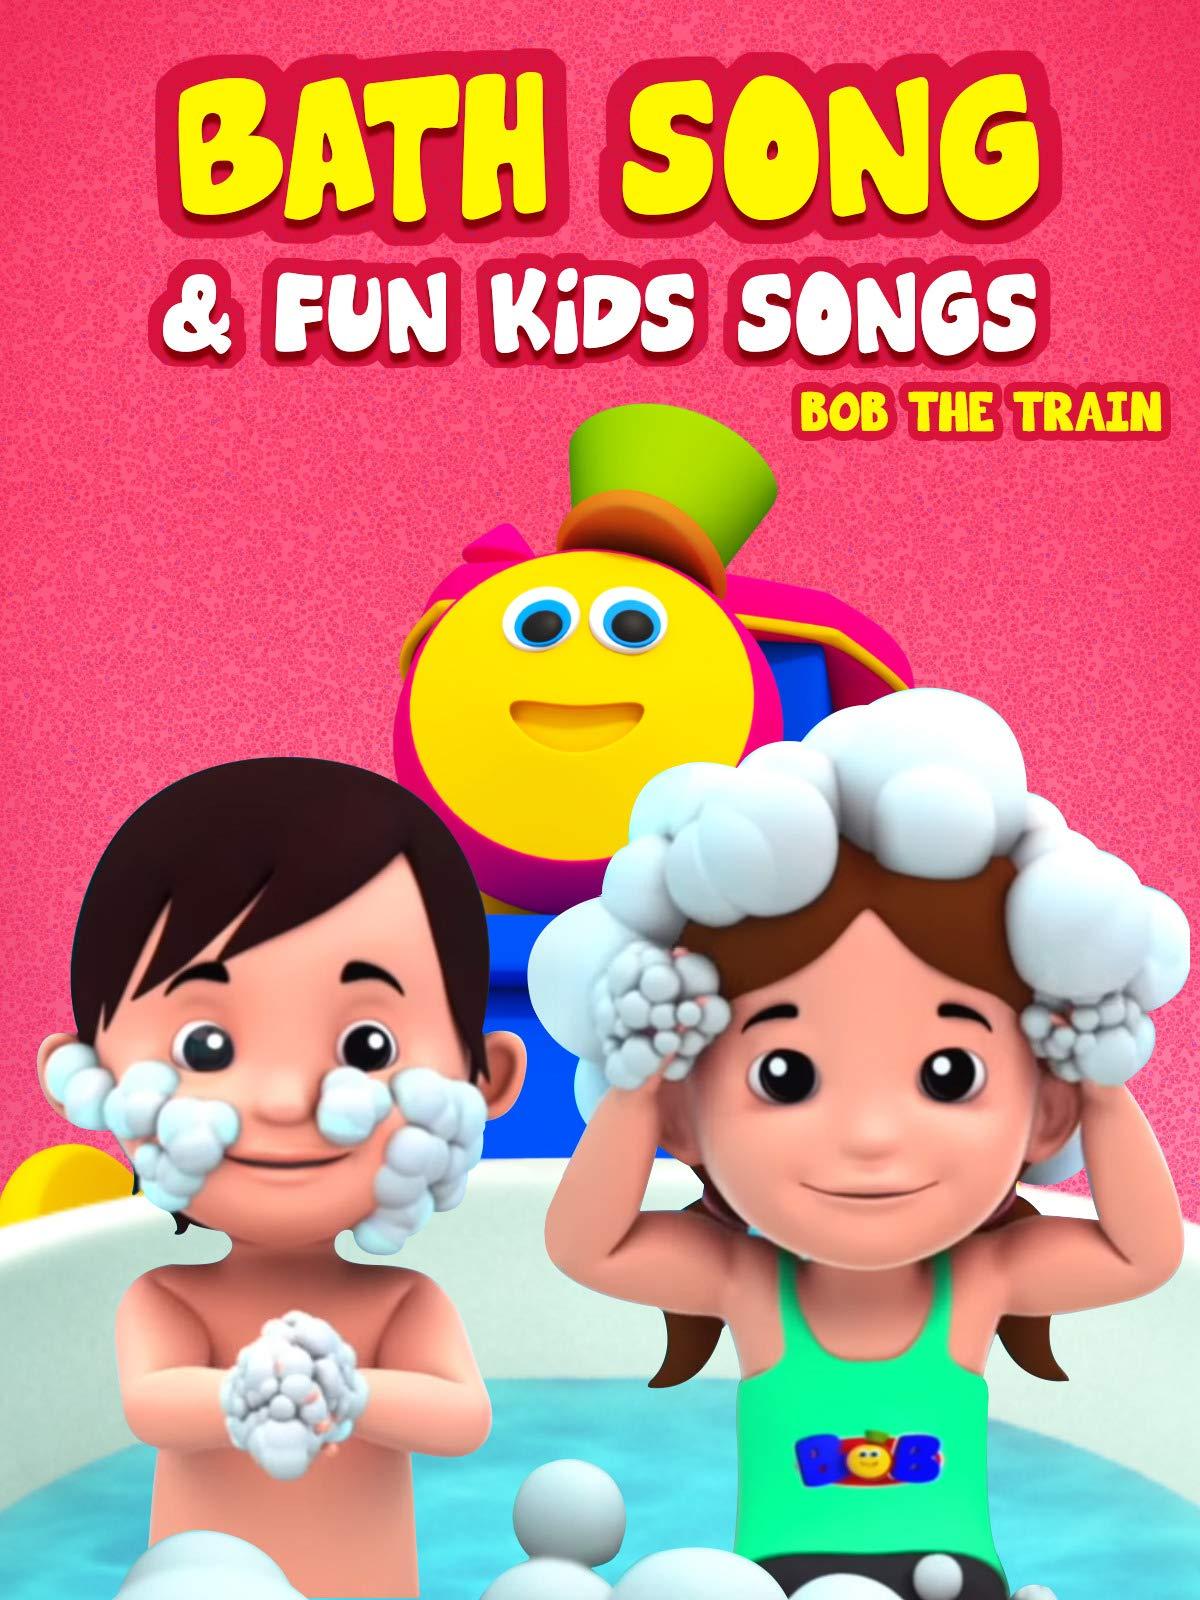 Bath Song & Fun Kid Songs - Bob The Train